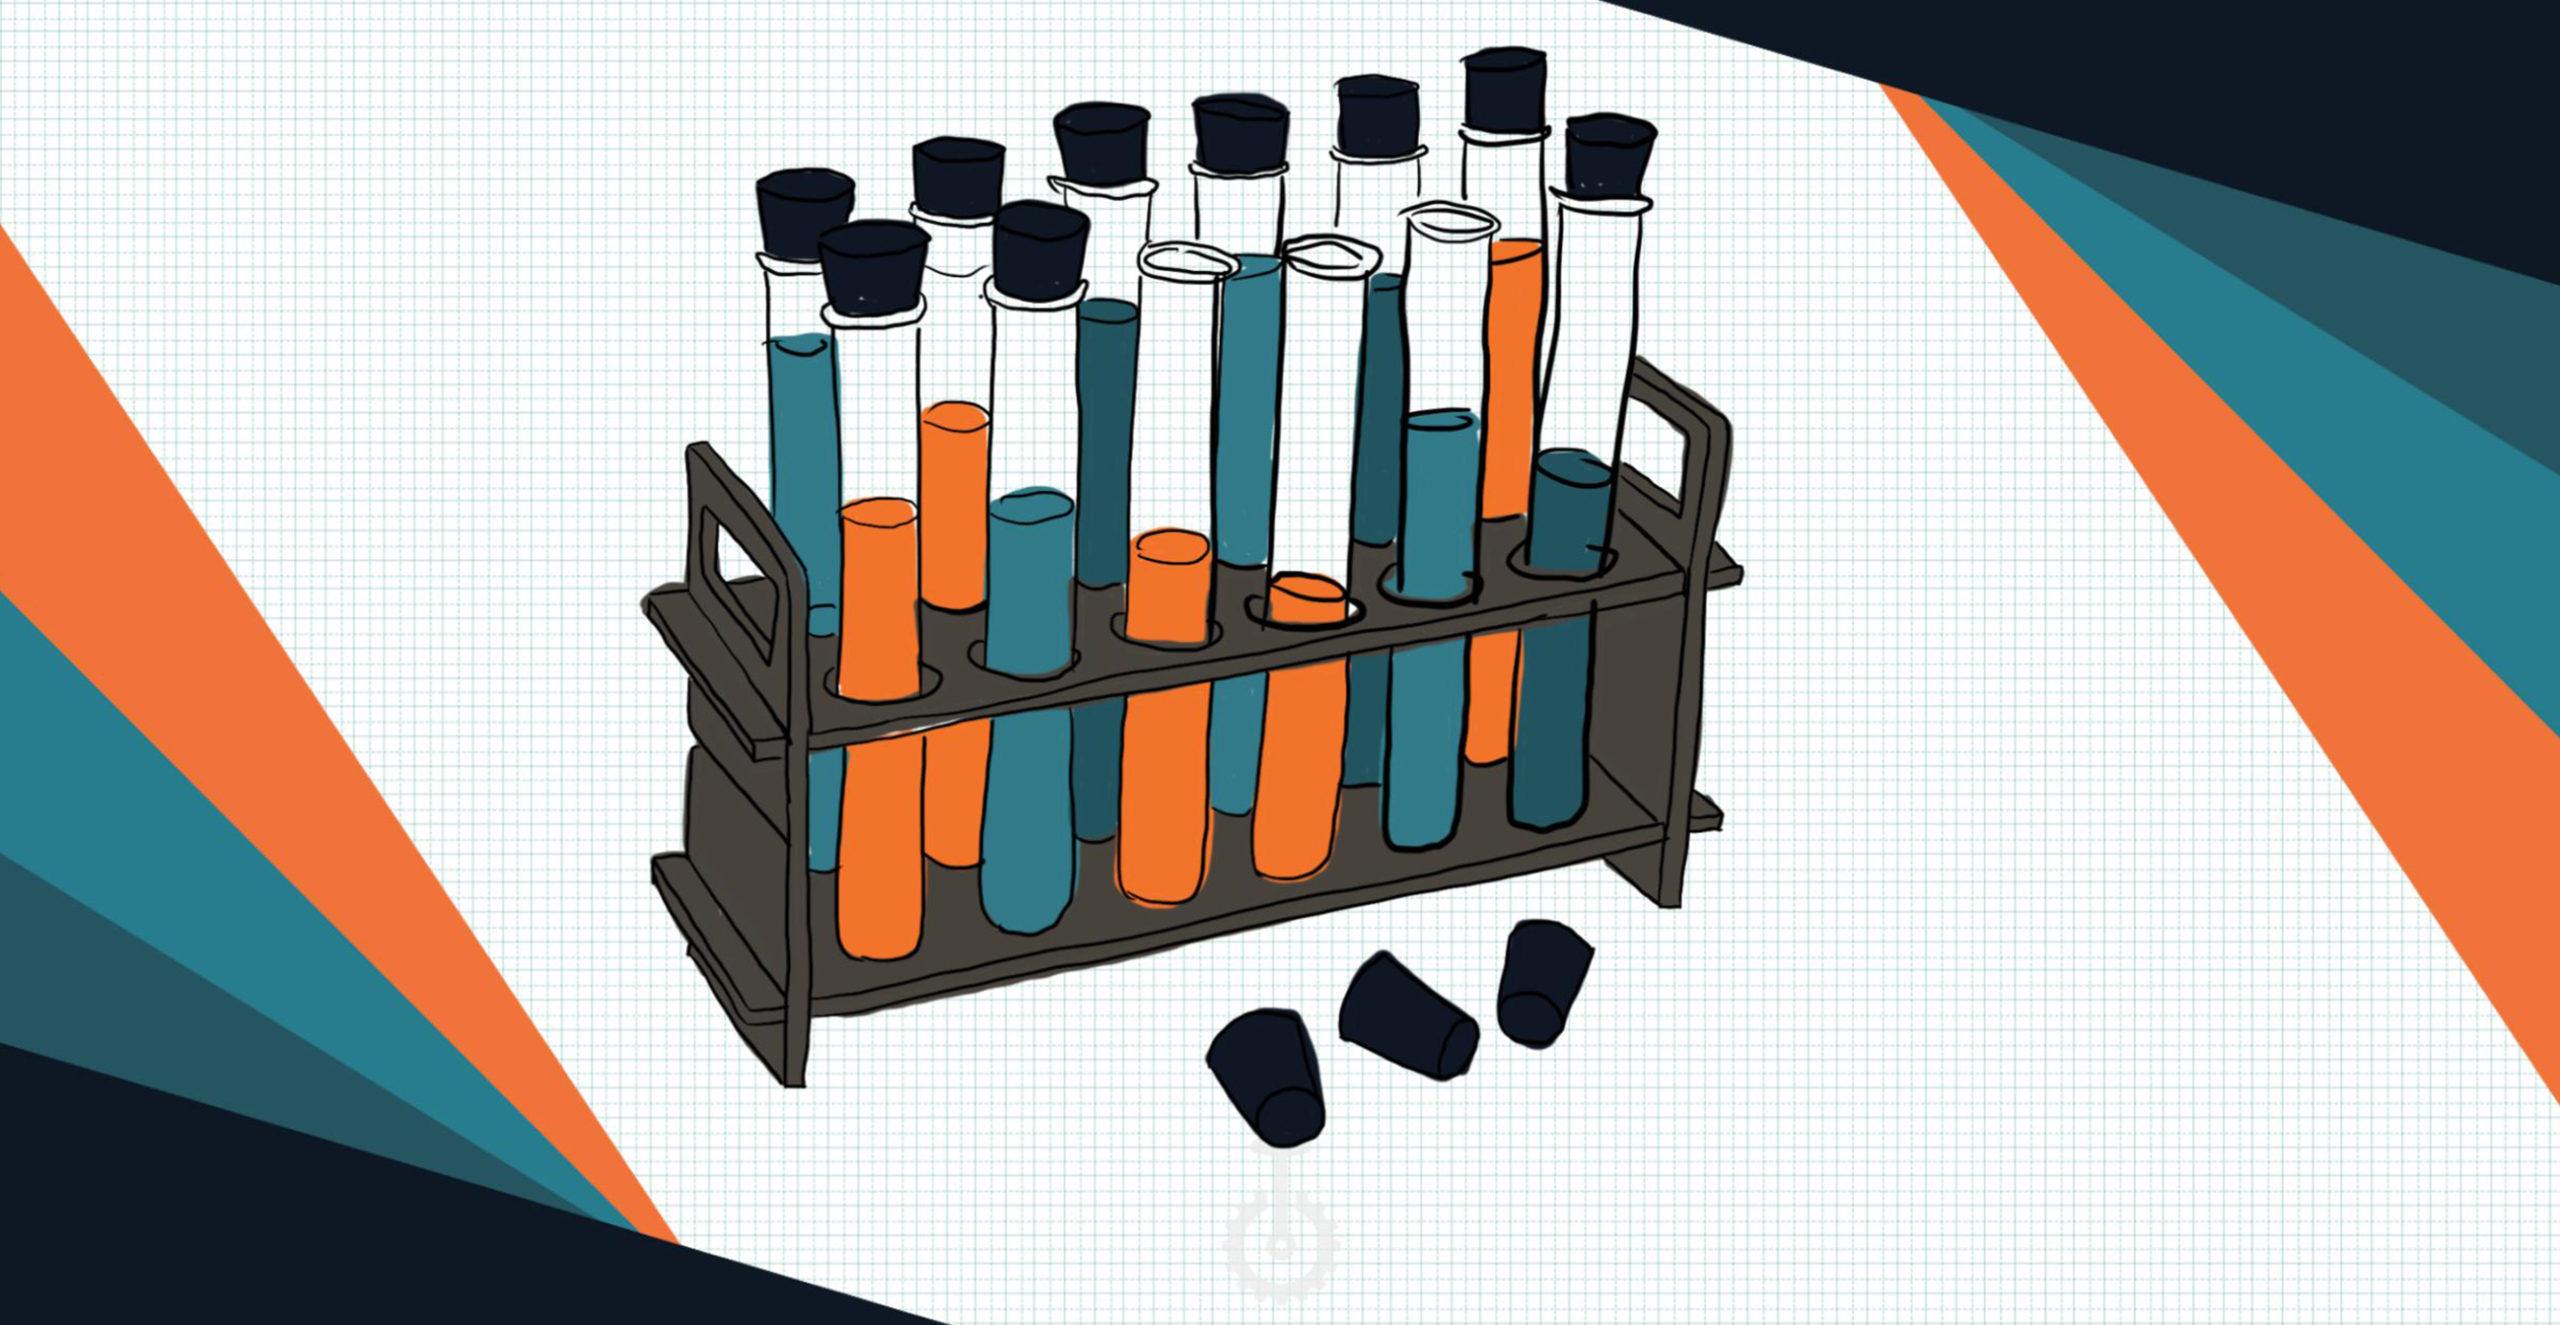 8th Grade Chemistry